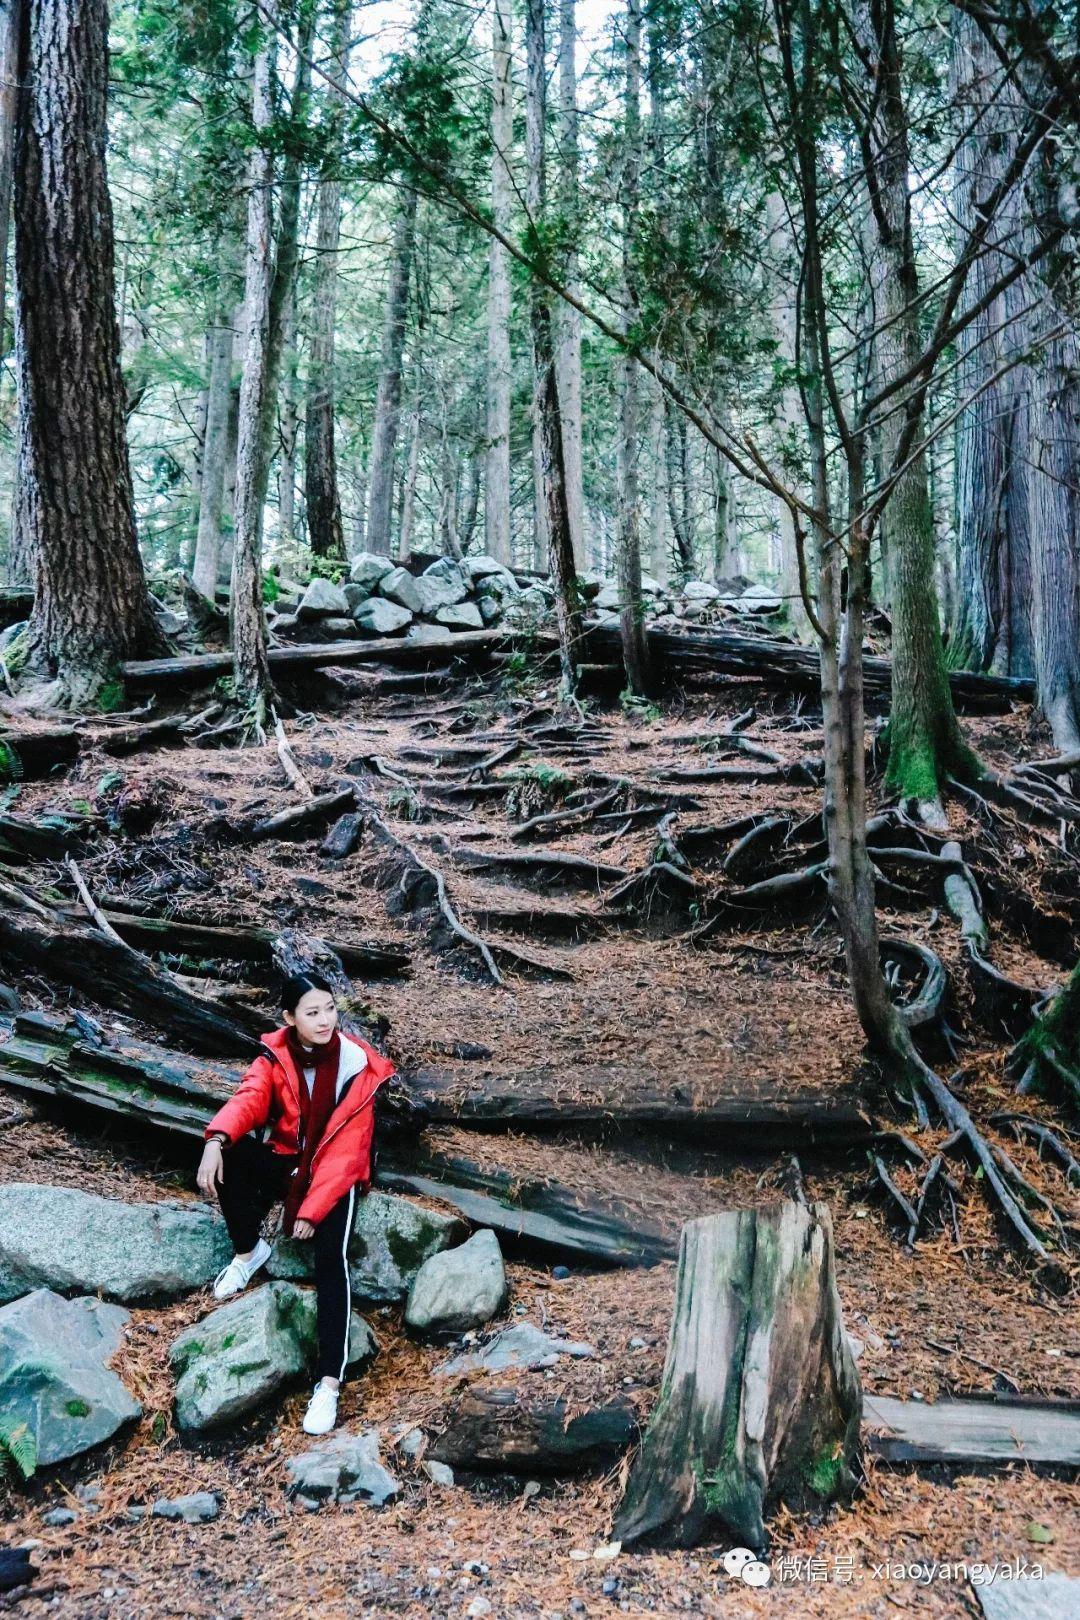 滑雪,徒步,登山,缆车……加拿大怎么玩?小众旅行地惠斯勒户外游玩推荐